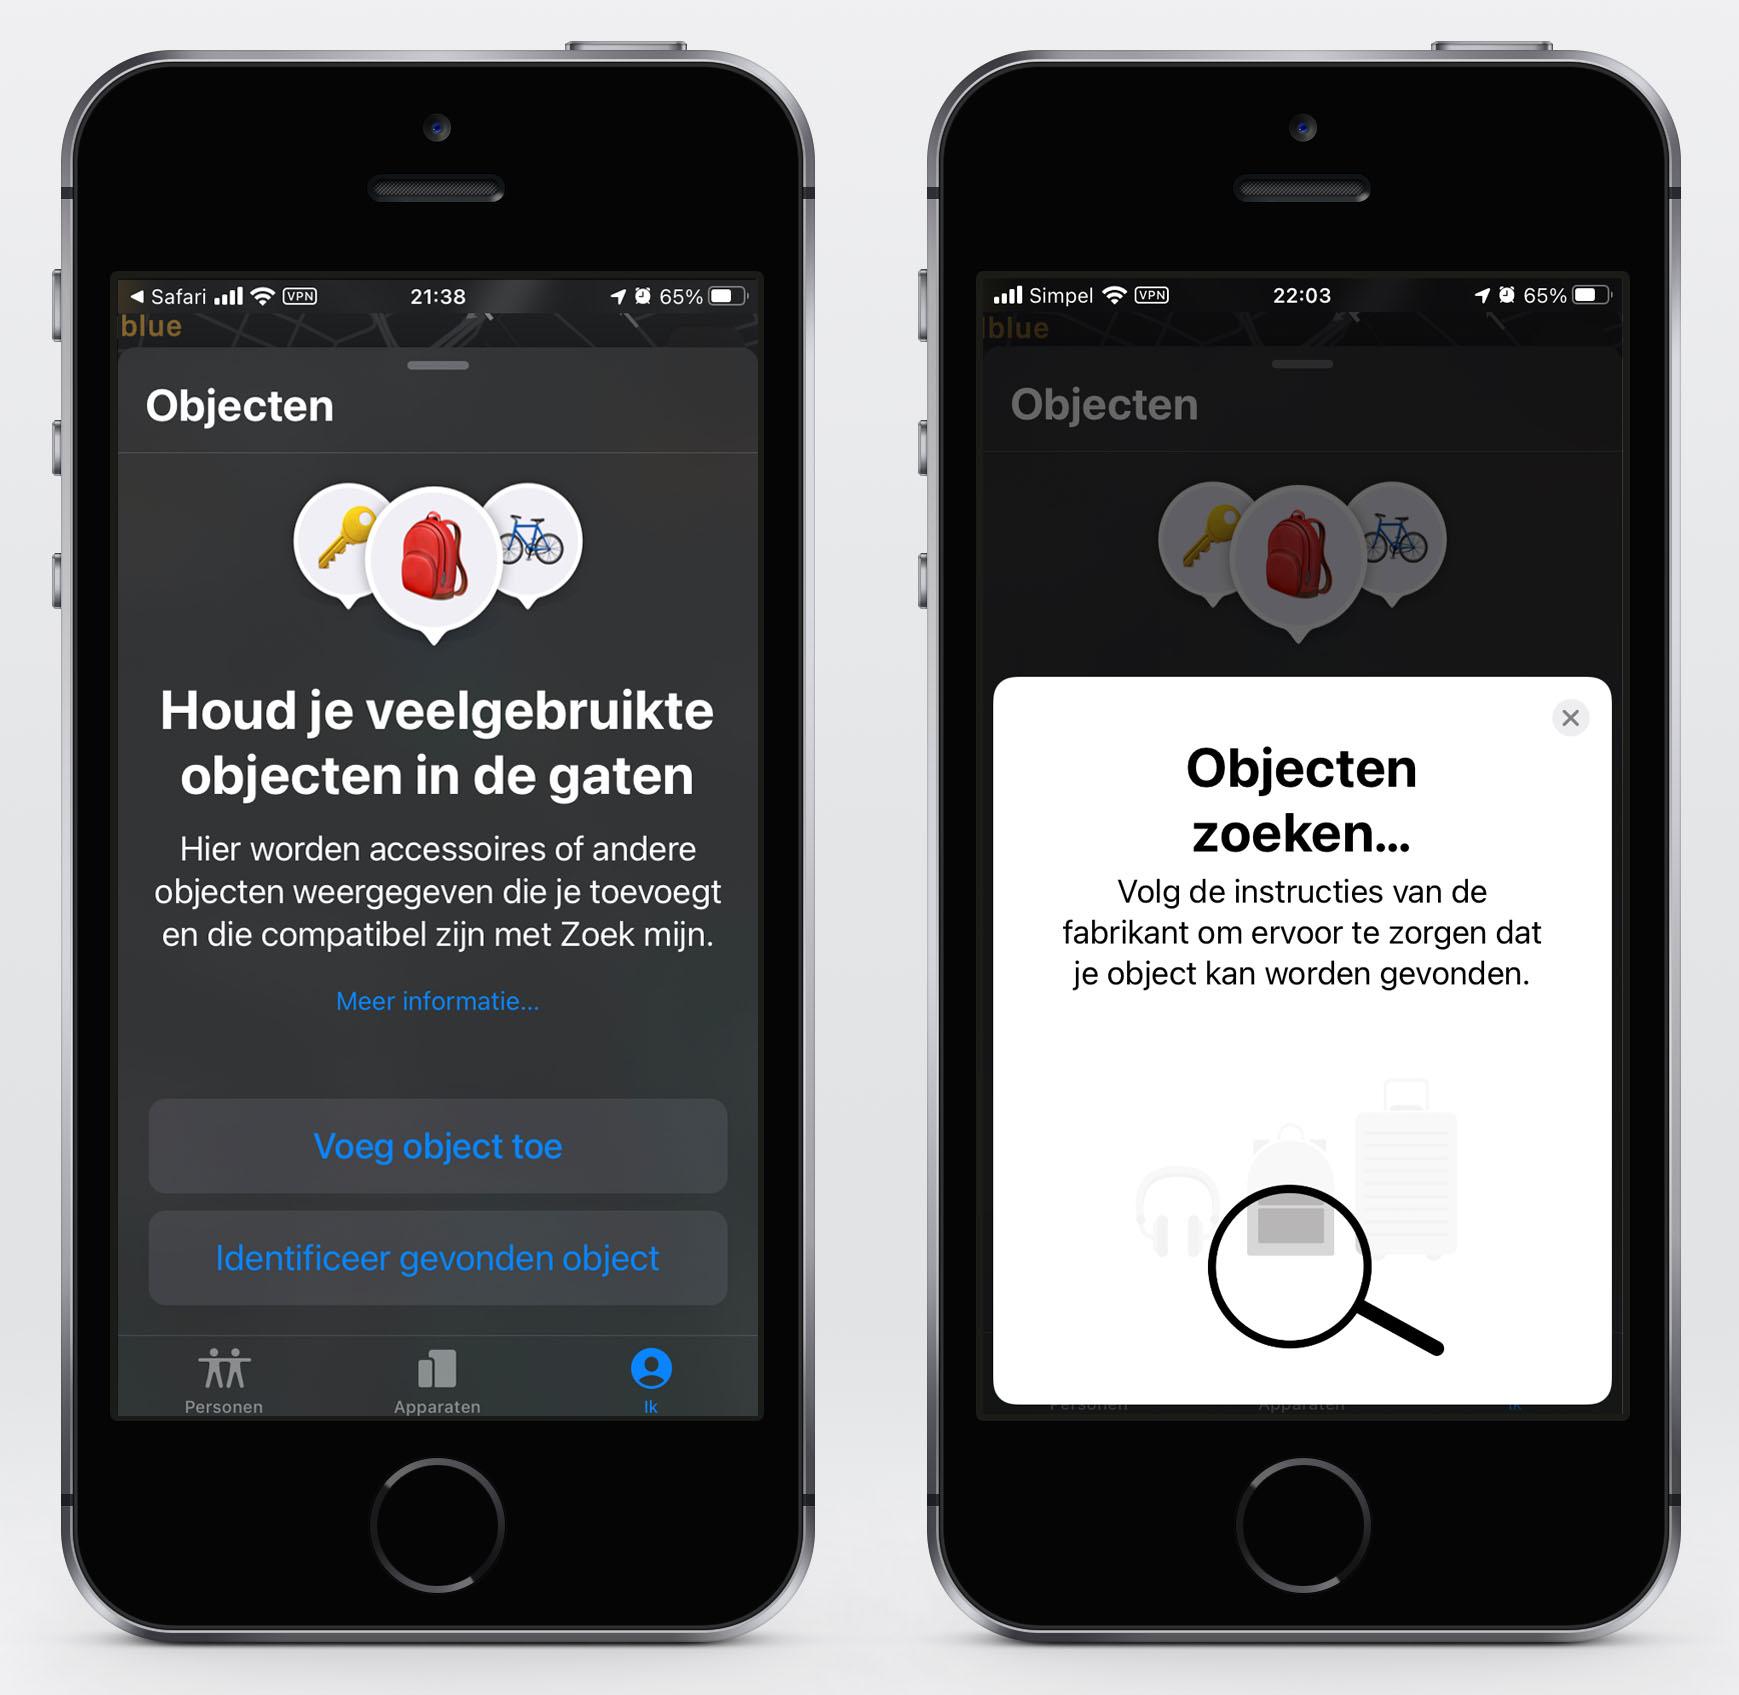 AirTags in iOS 14.3